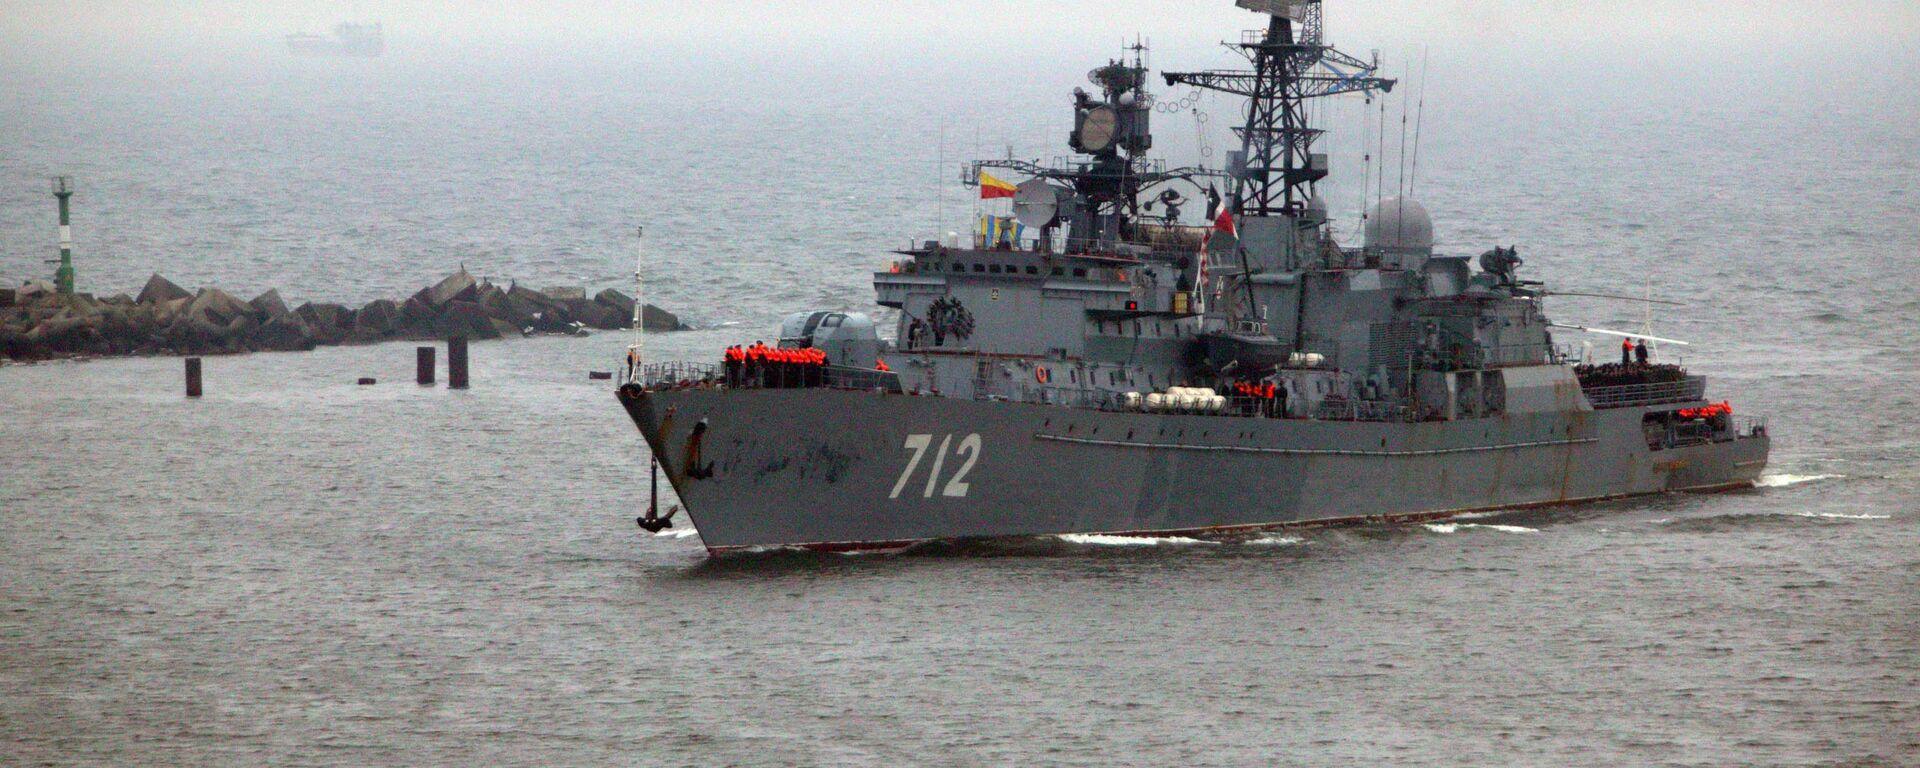 Strażniczy okręt Floty Bałtyckiej Nieustraszony - Sputnik Polska, 1920, 23.06.2021